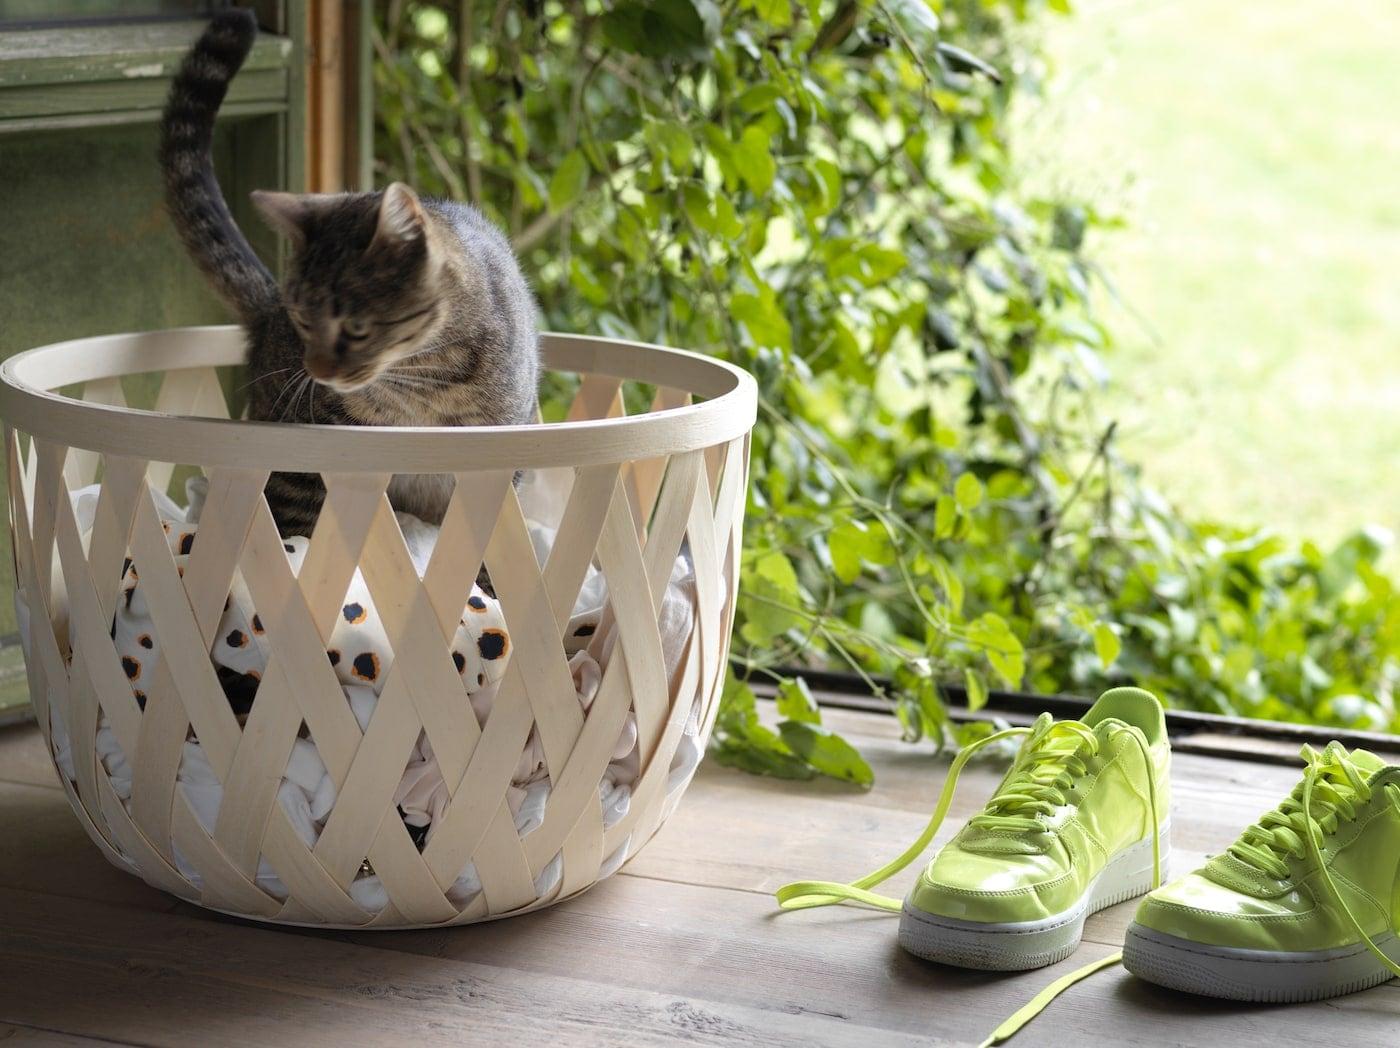 Kotě v košíku TJILLEVIPS s vypraným prádlem, vedle neonově zelené tenisky